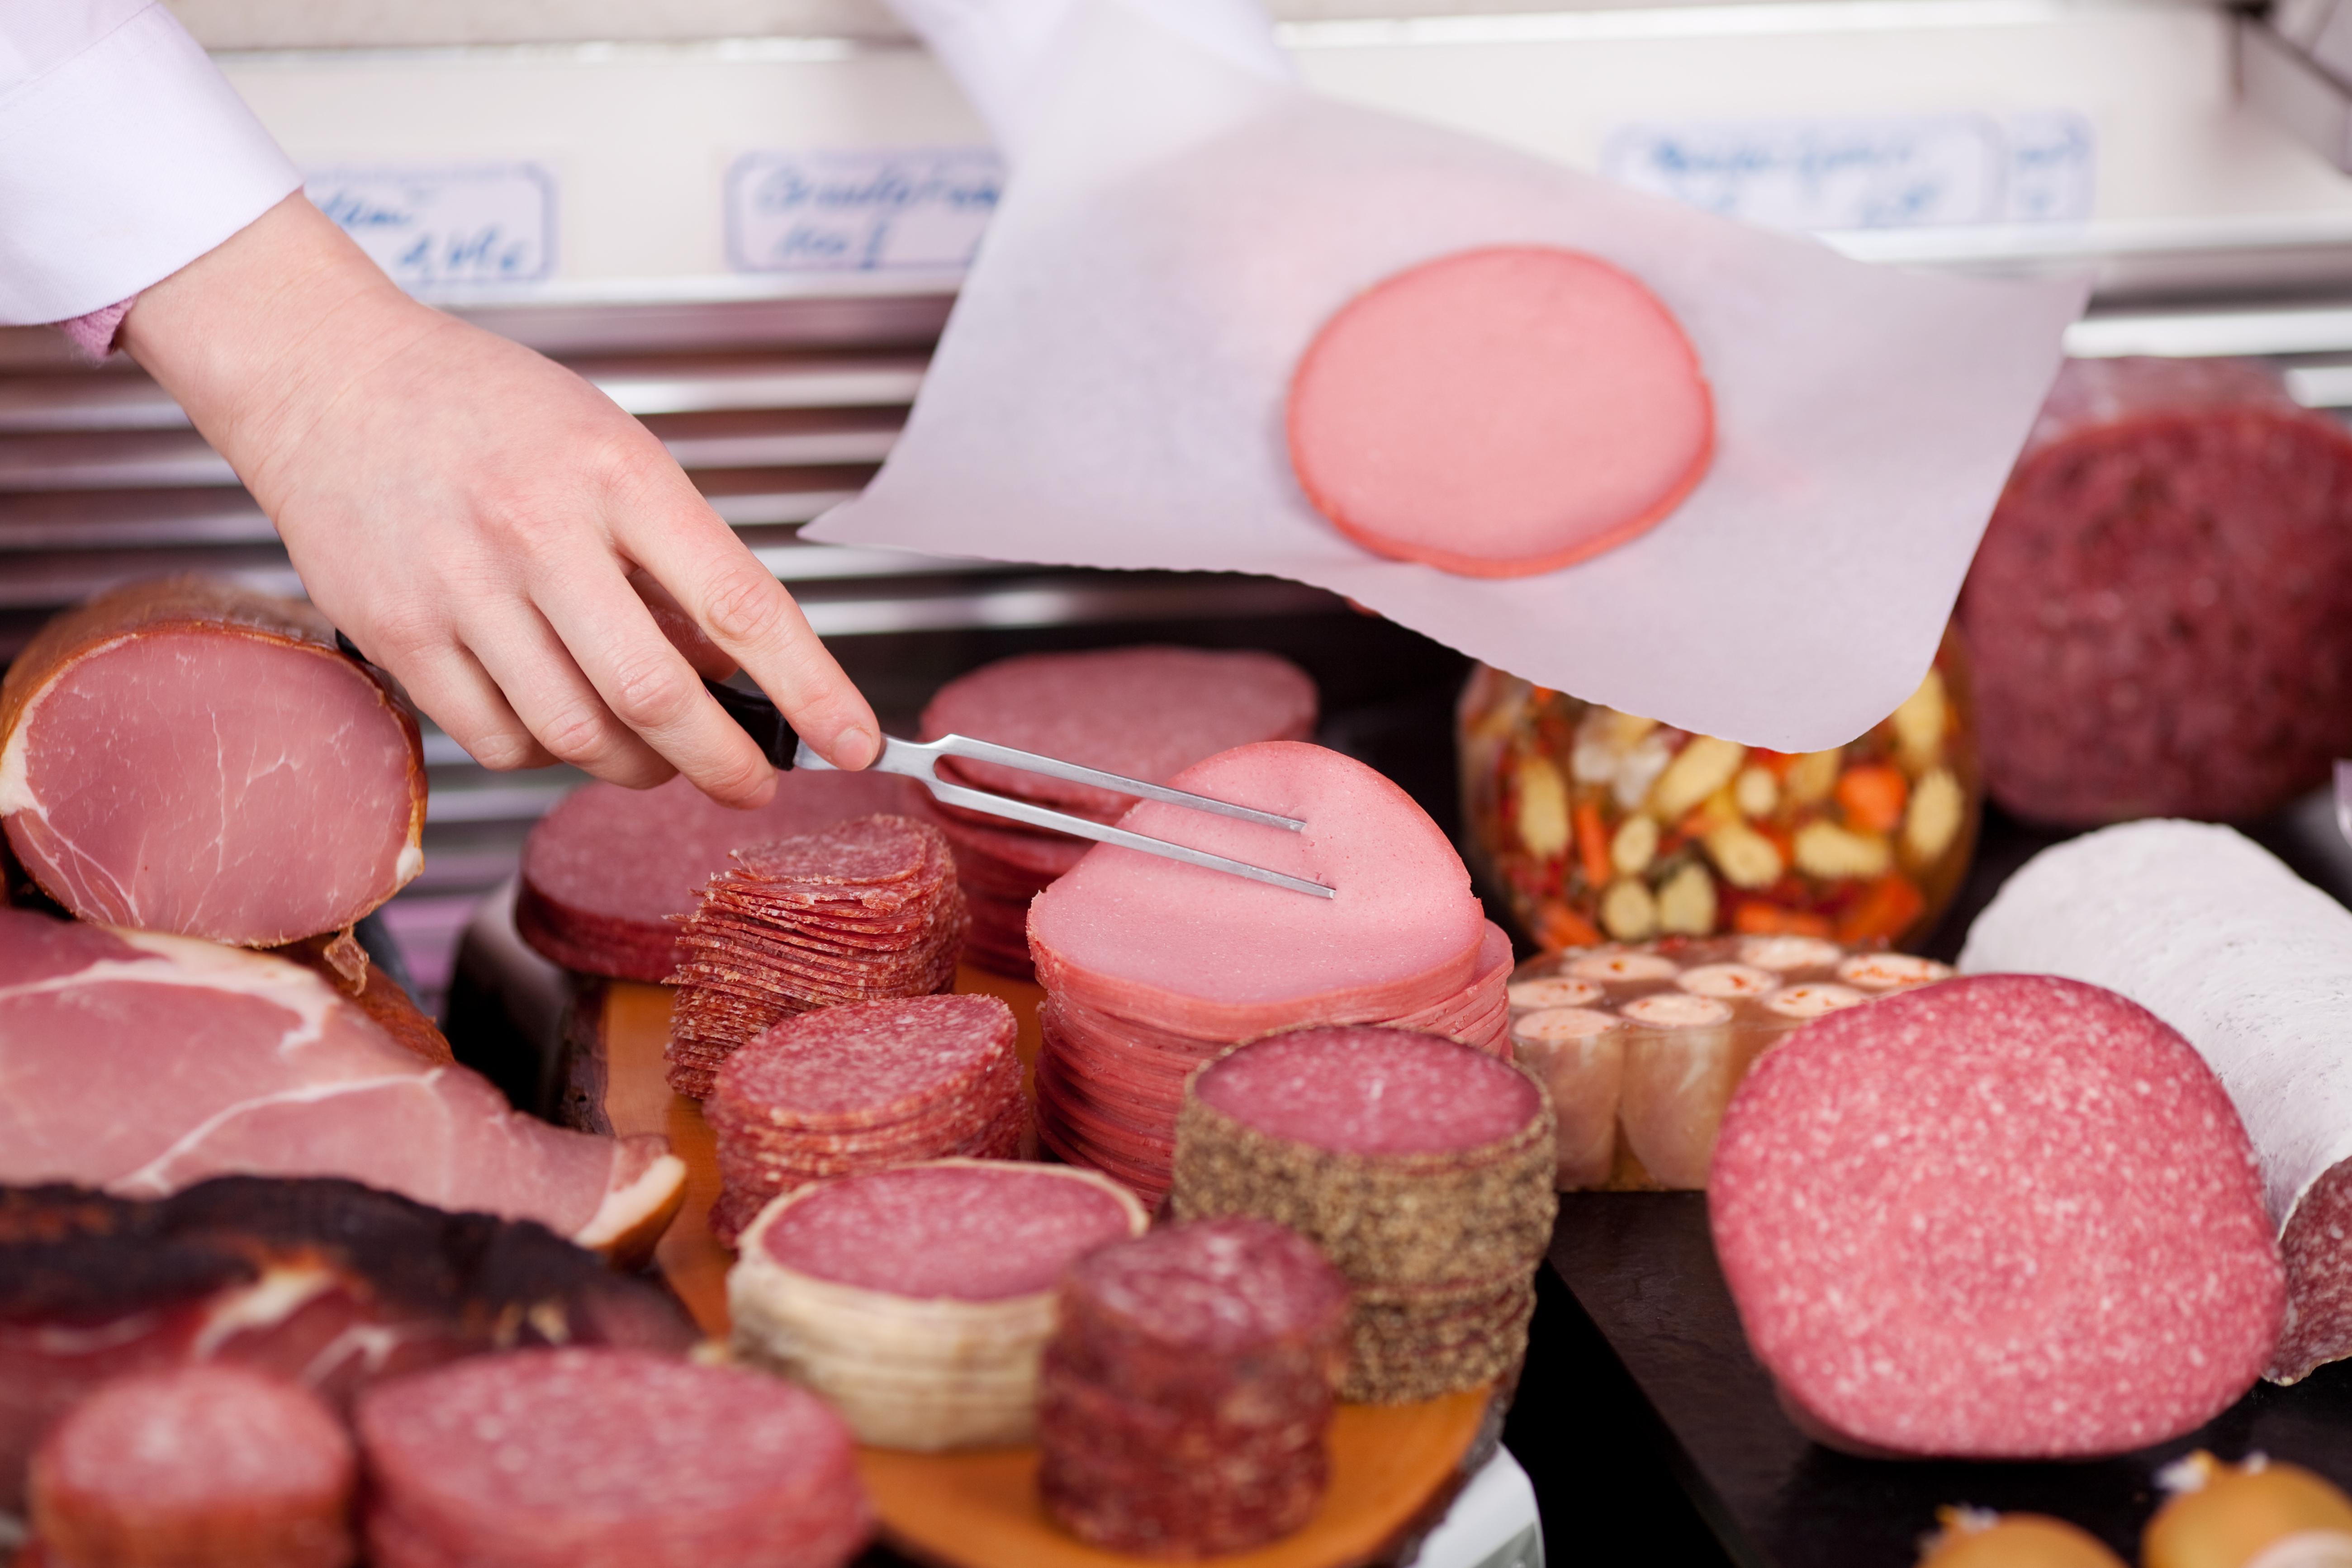 När WHO talar om rökt och processat kött innefattar det charkuteriprodukter såsom bacon, skinka och korv.